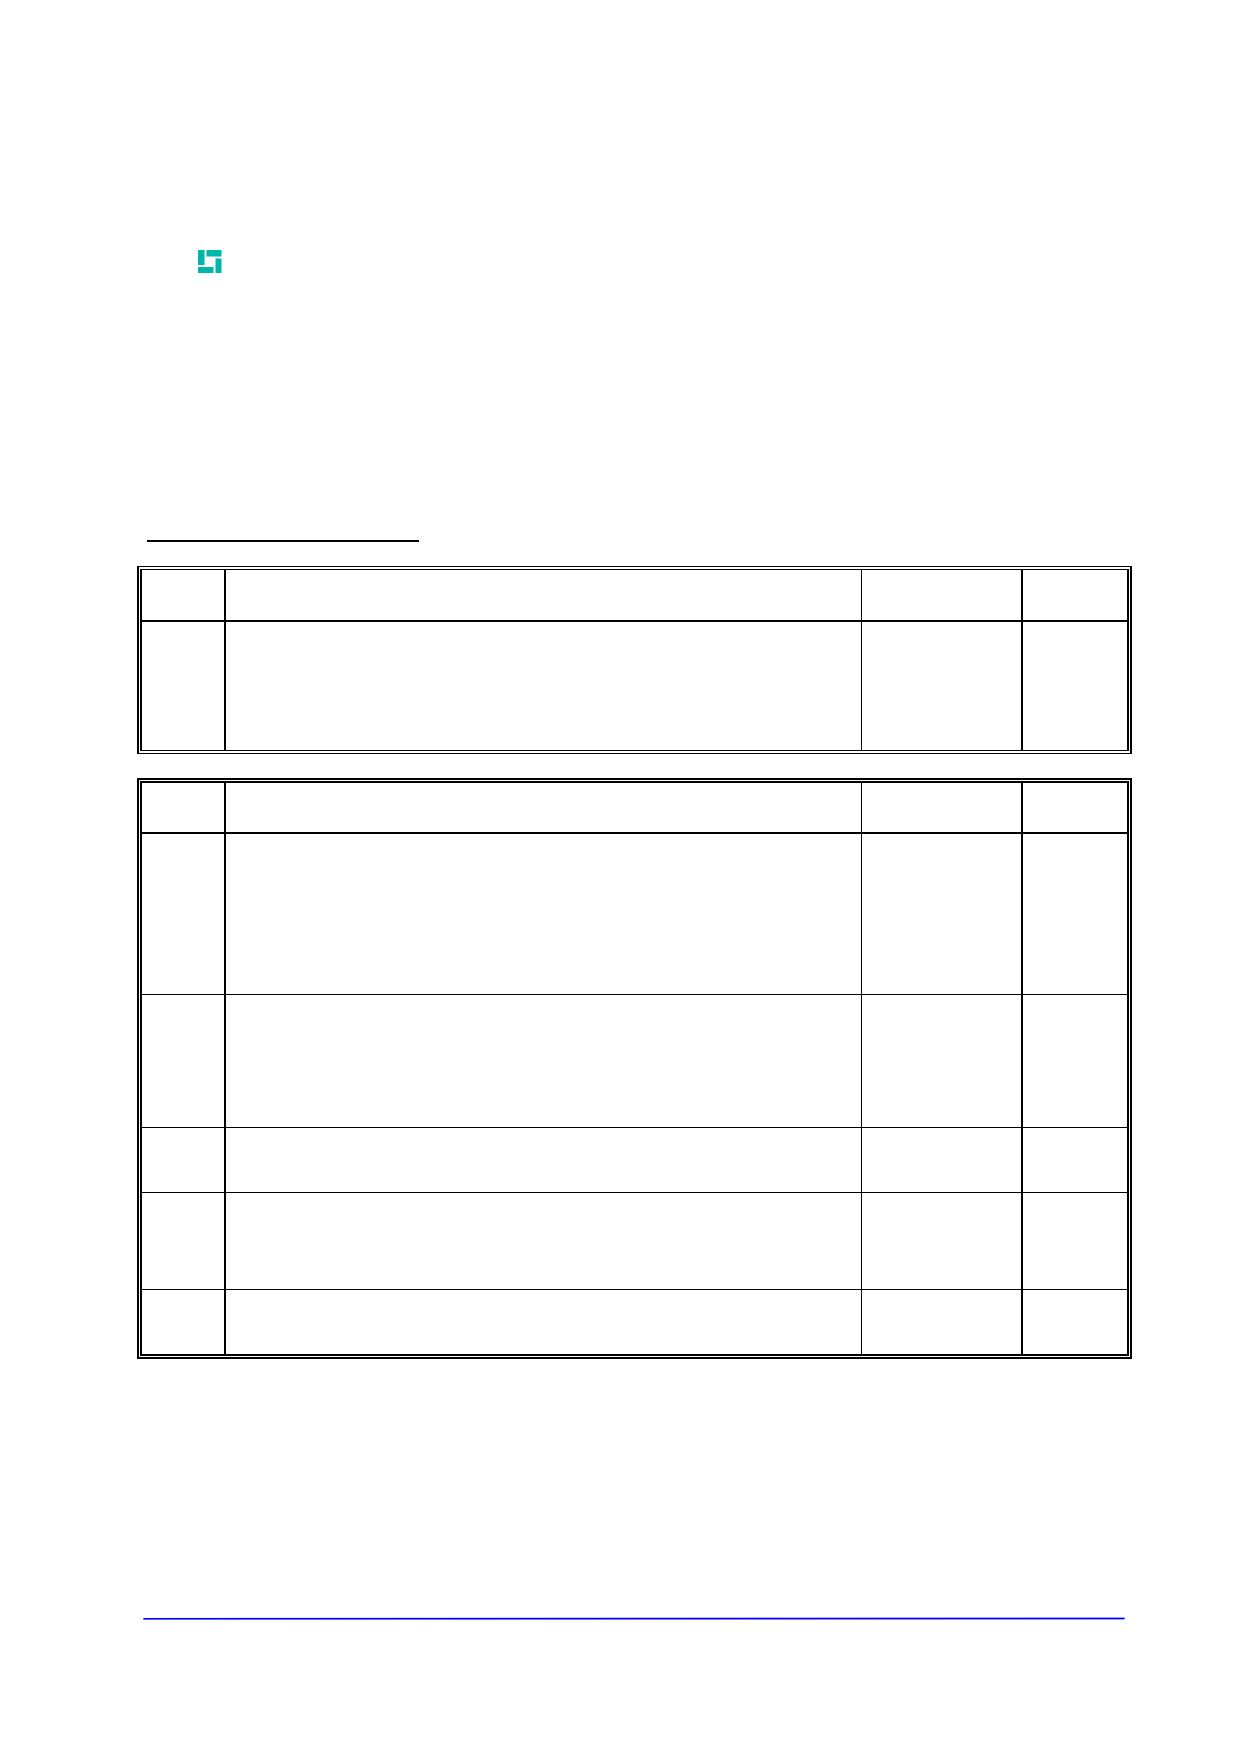 R0472YS16H datasheet